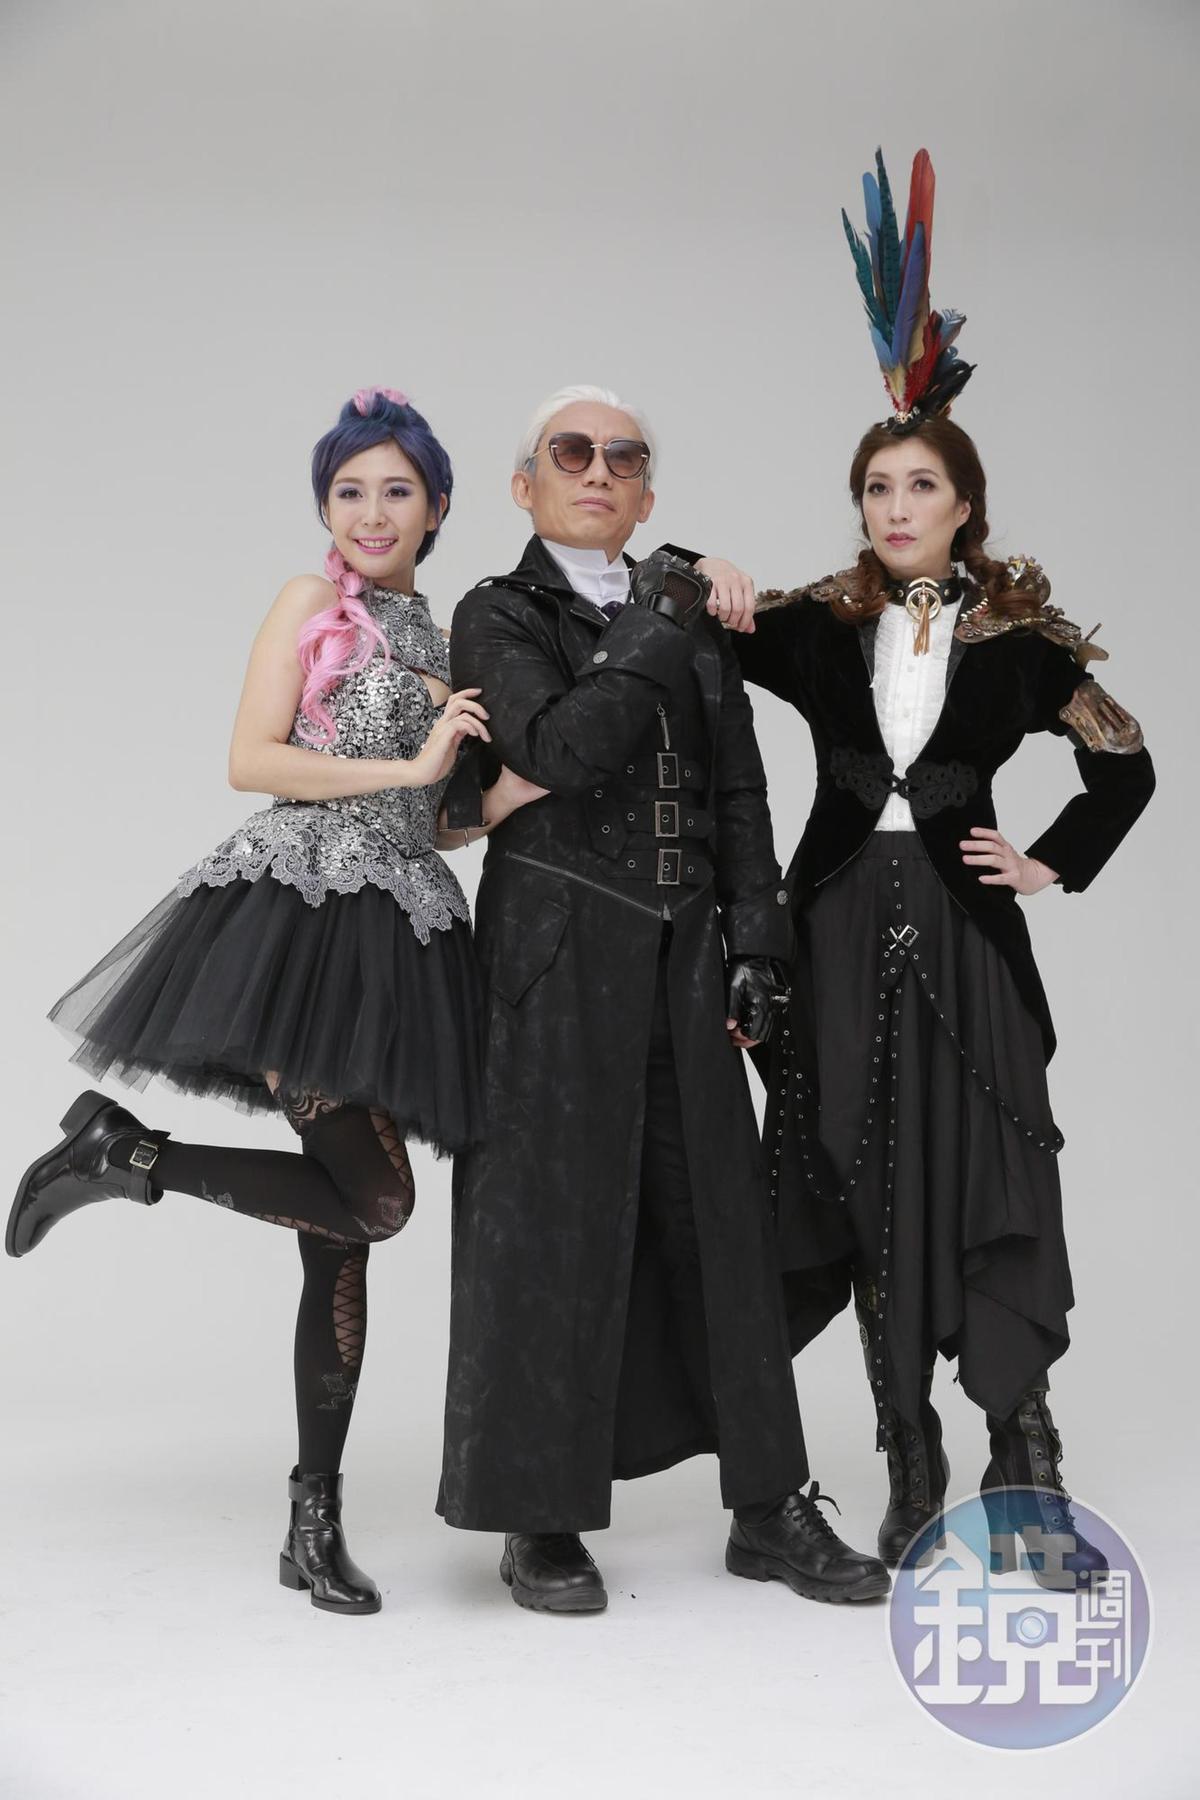 郭子乾飾演兩位女演員的爸爸,「誰出的價錢高,我就把女兒嫁給他」。